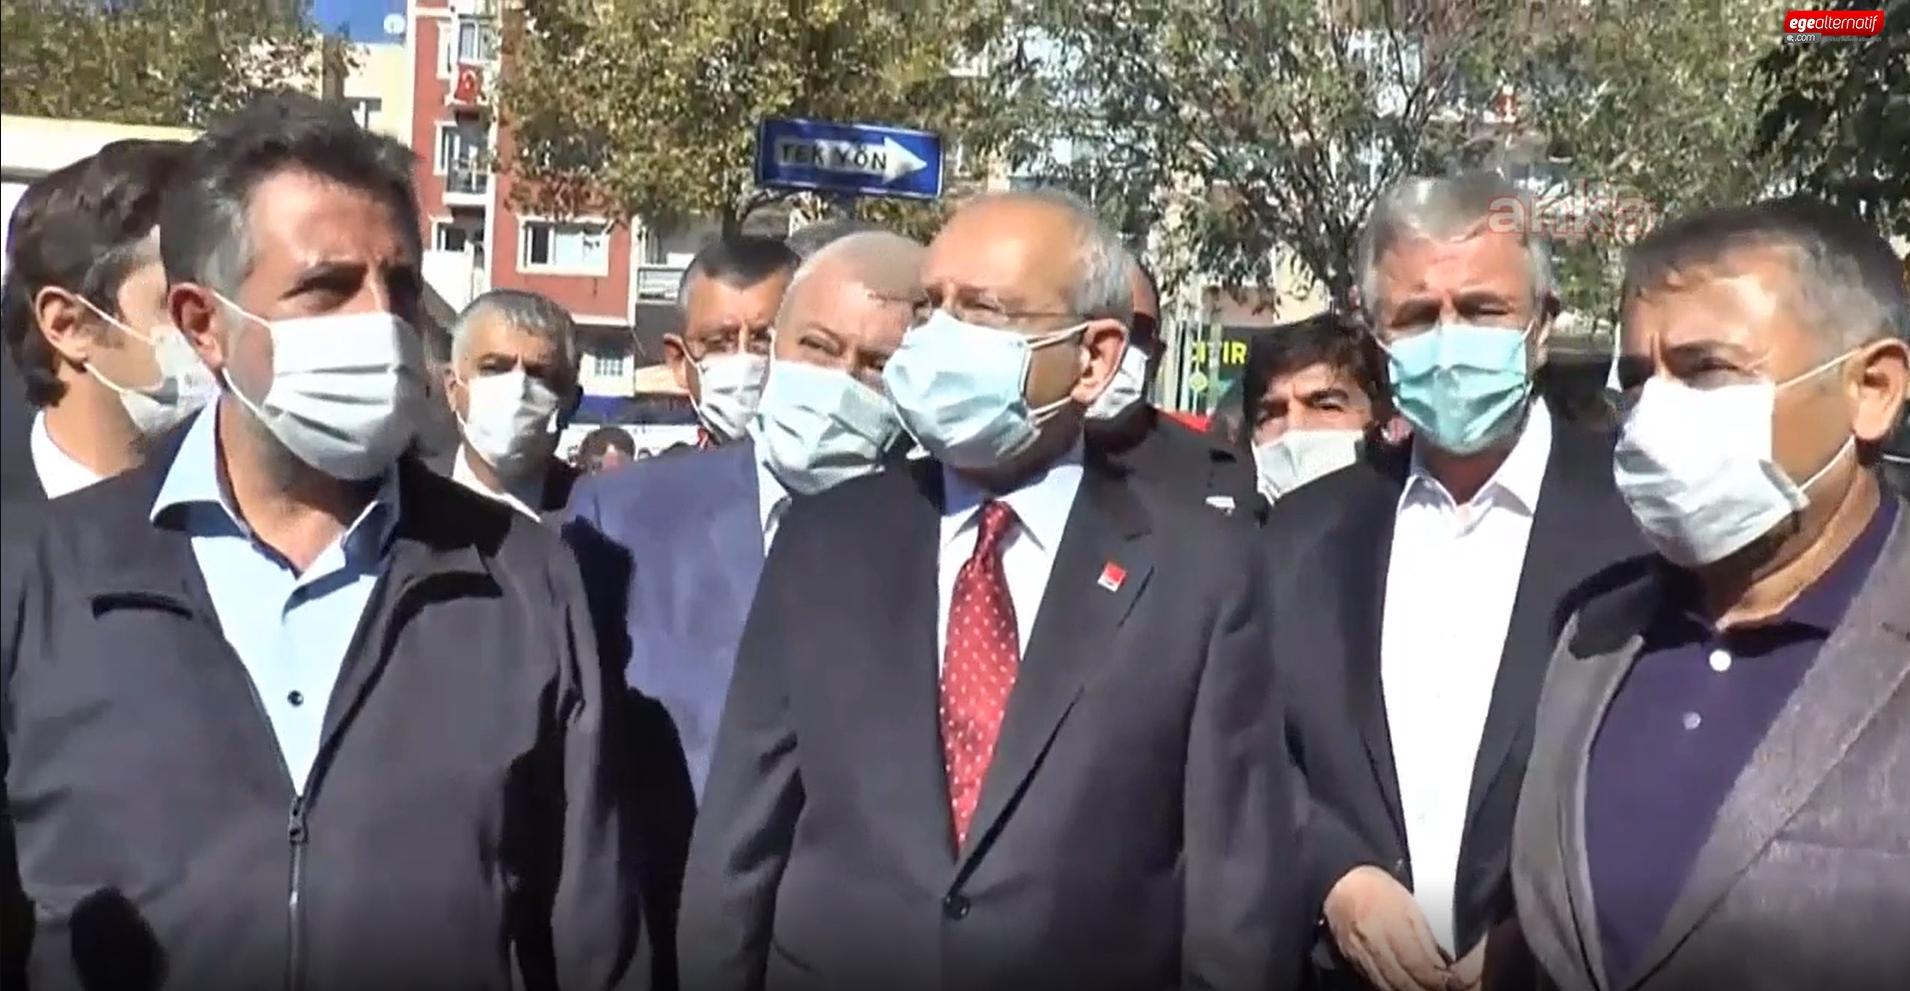 Kemal Kılıçdaroğlu deprem bölgesinde: İnsanlar çalışıyor, meşgul etmeyelim